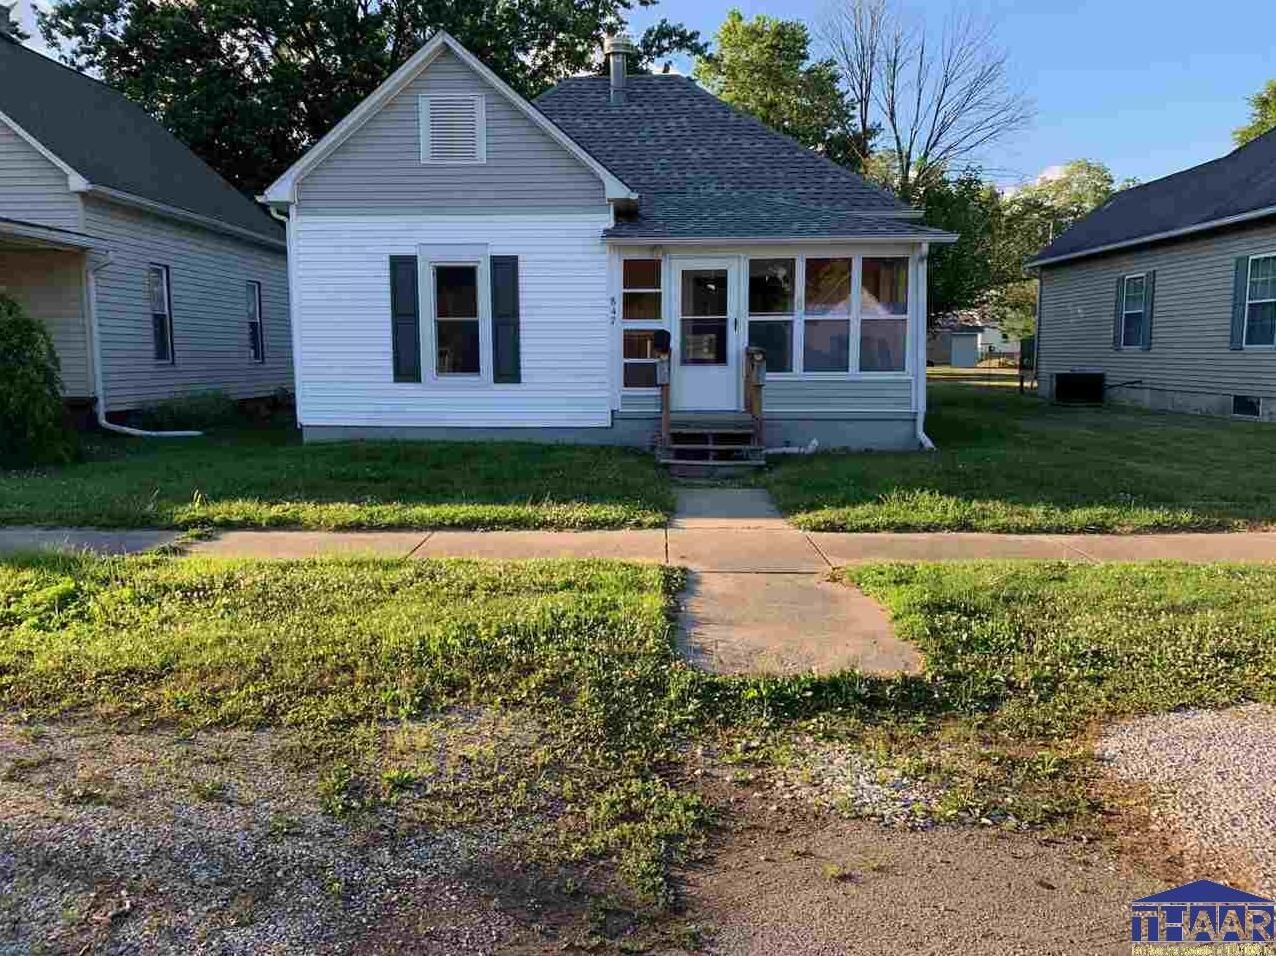 Photo of 847 Walnut Street Clinton IN 47842